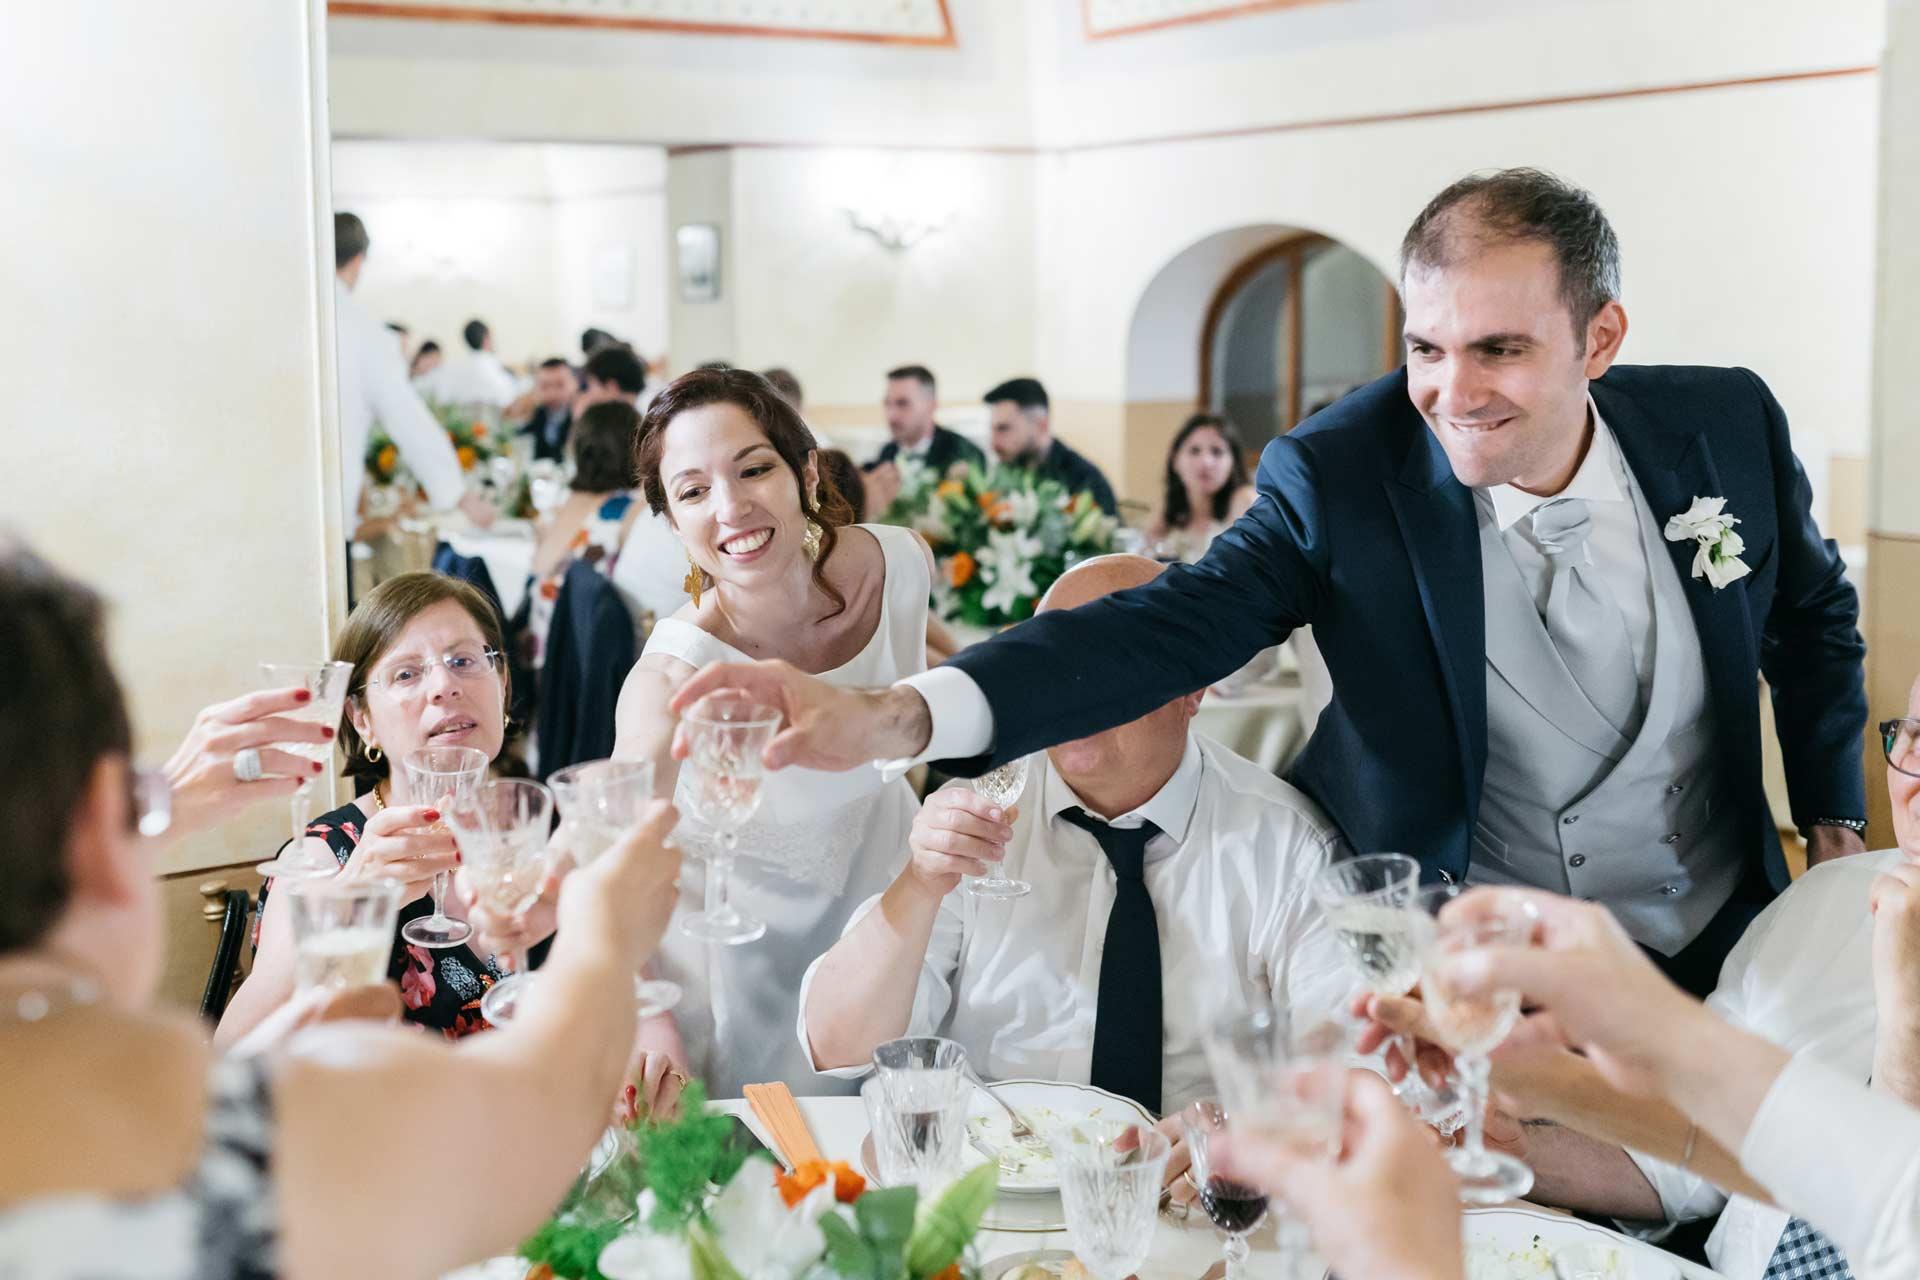 fotoreportage-di-matrimonio-14-C&M